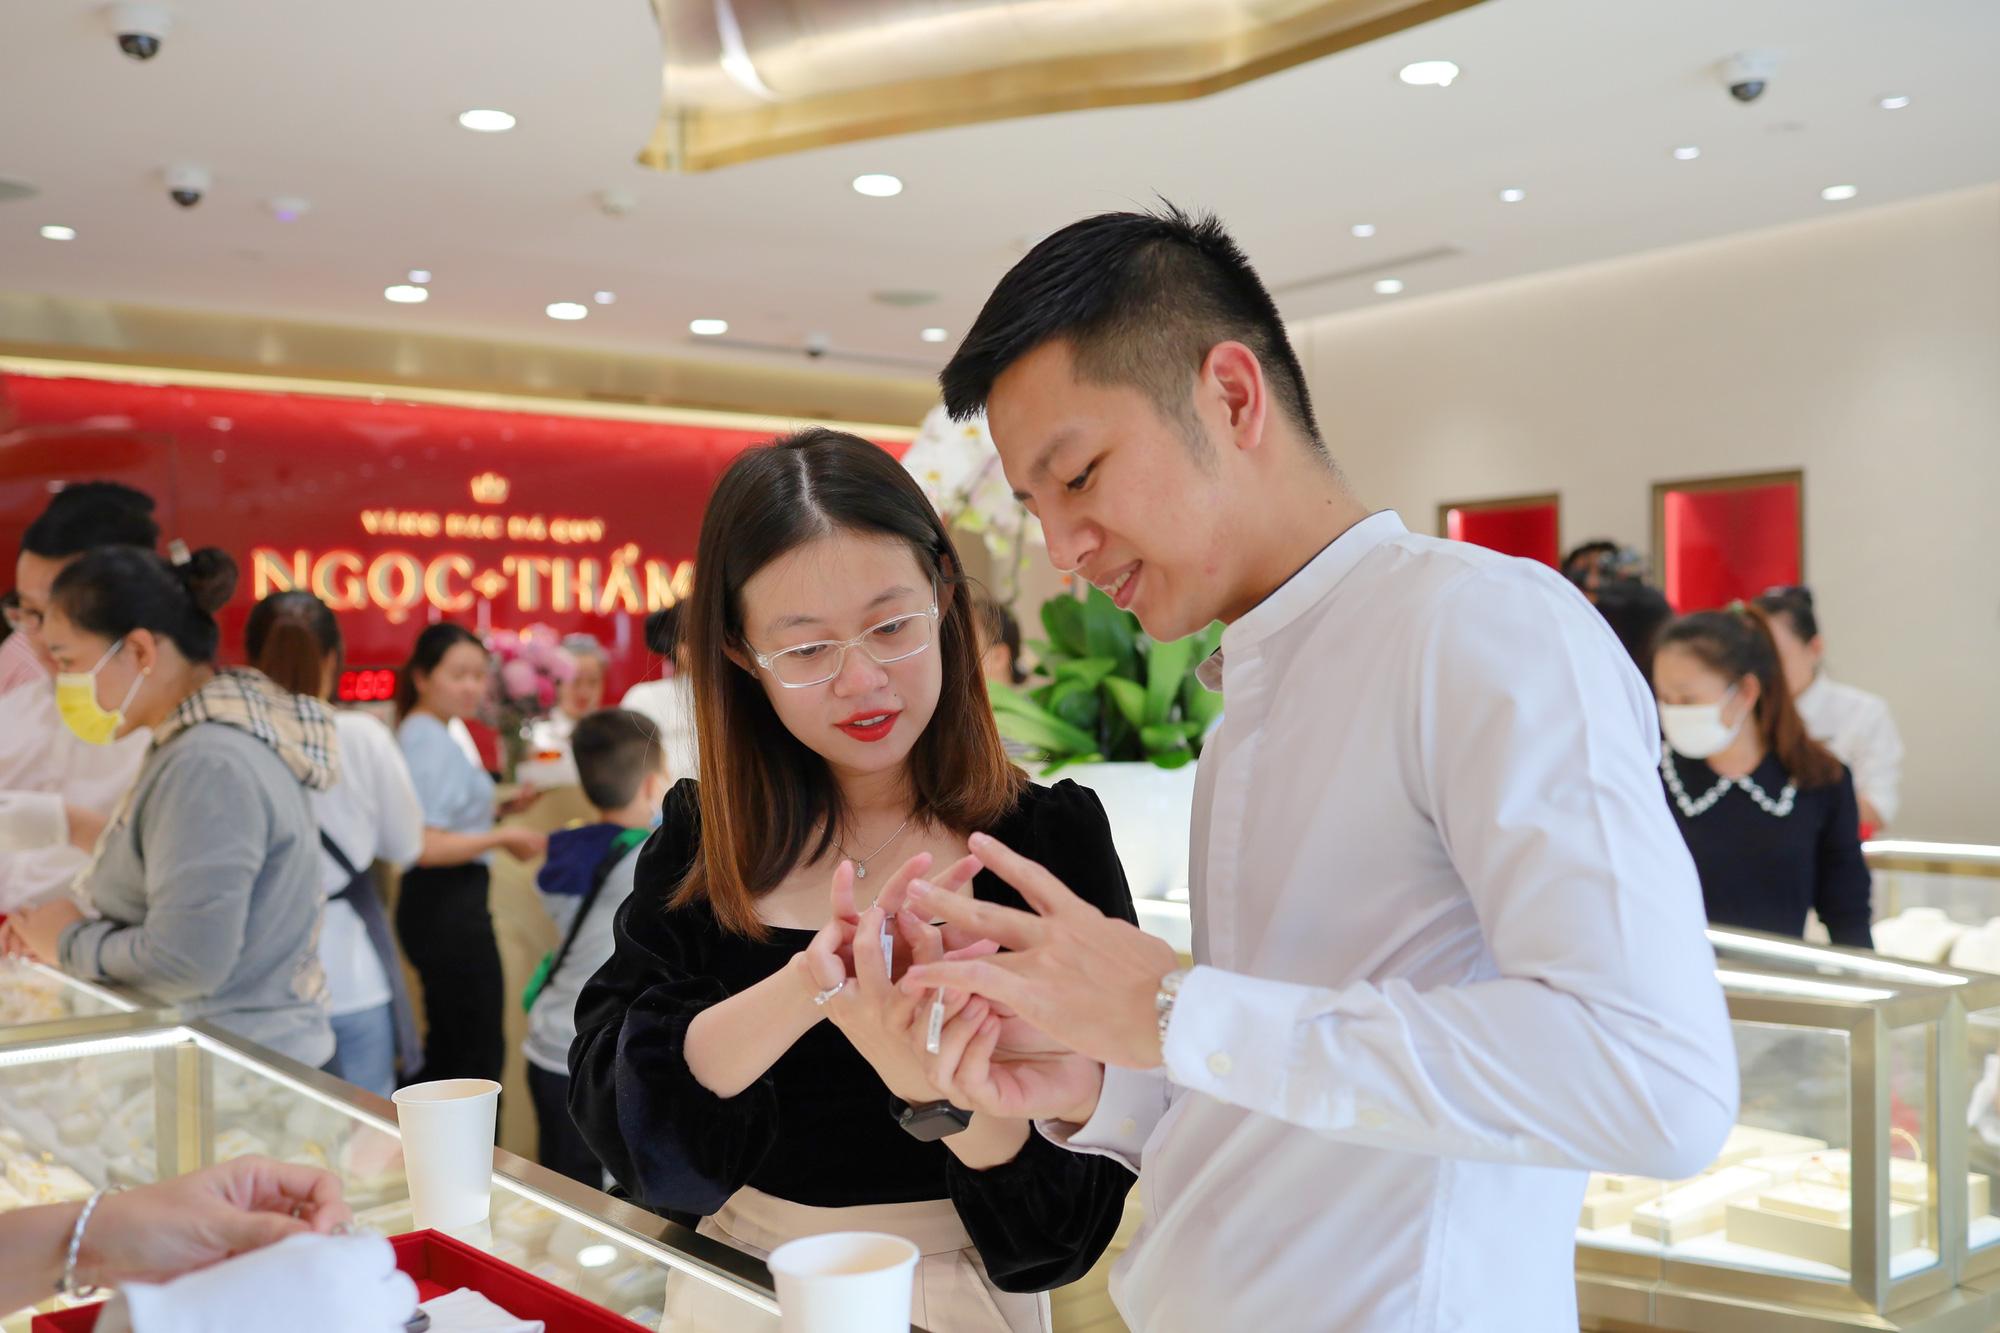 Các tín đồ trang sức háo hức check-in không gian mua sắm khác biệt tại NTJ Shophouse Cần Thơ - Ảnh 3.